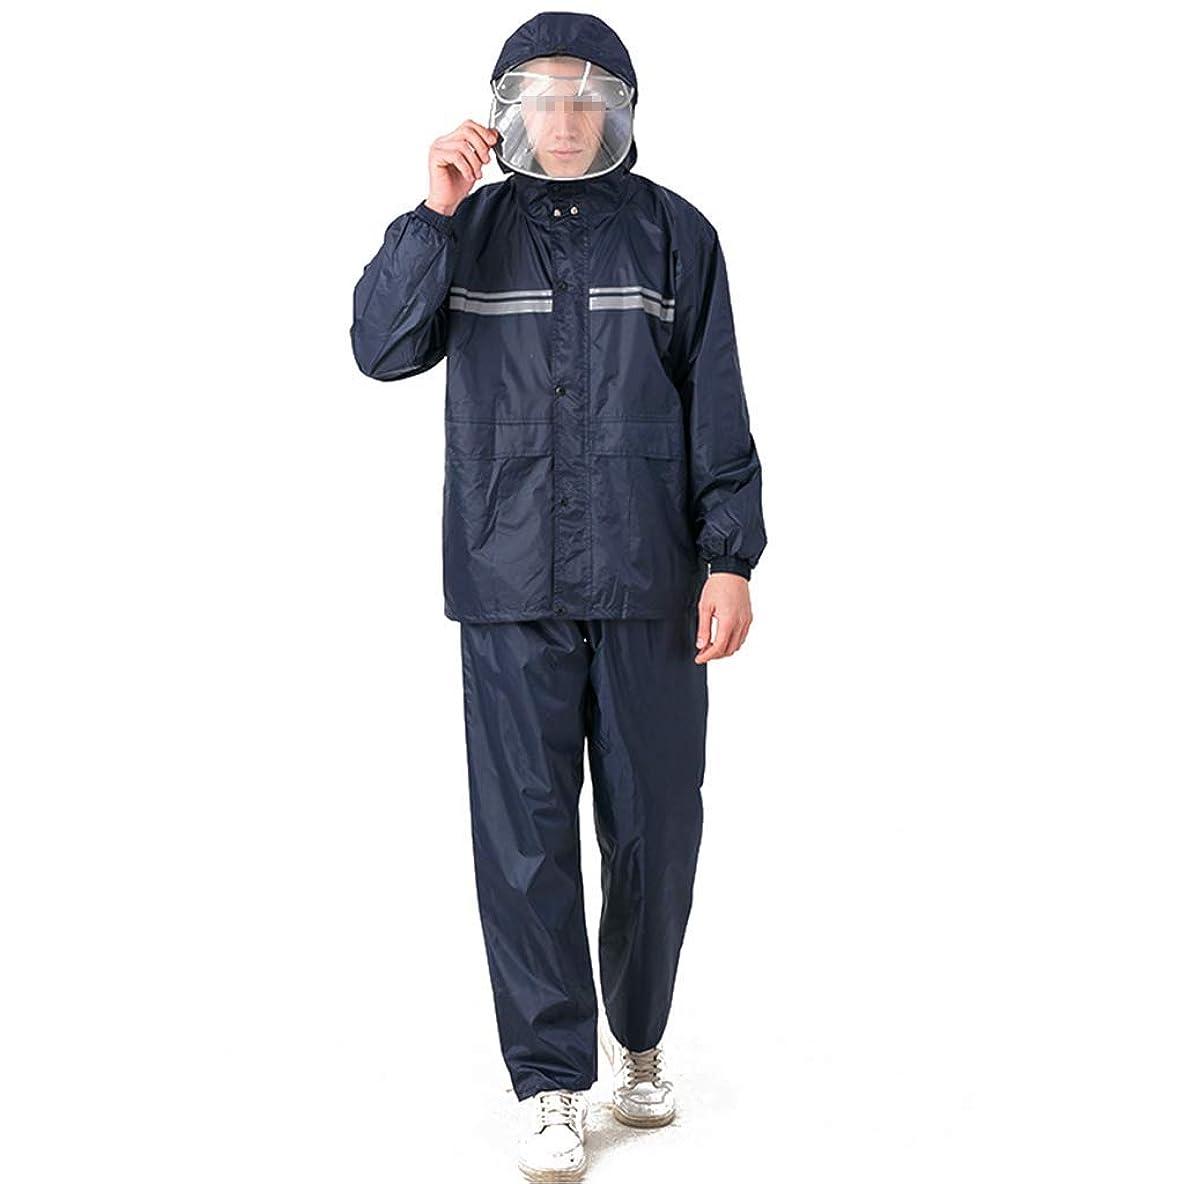 第二朝原理TD レインコートレインコート大人の防水ジャケットセットHdをダブルキャップボディ防水快適な通気性 ポンチョ ハイキング (Size : XXXL)